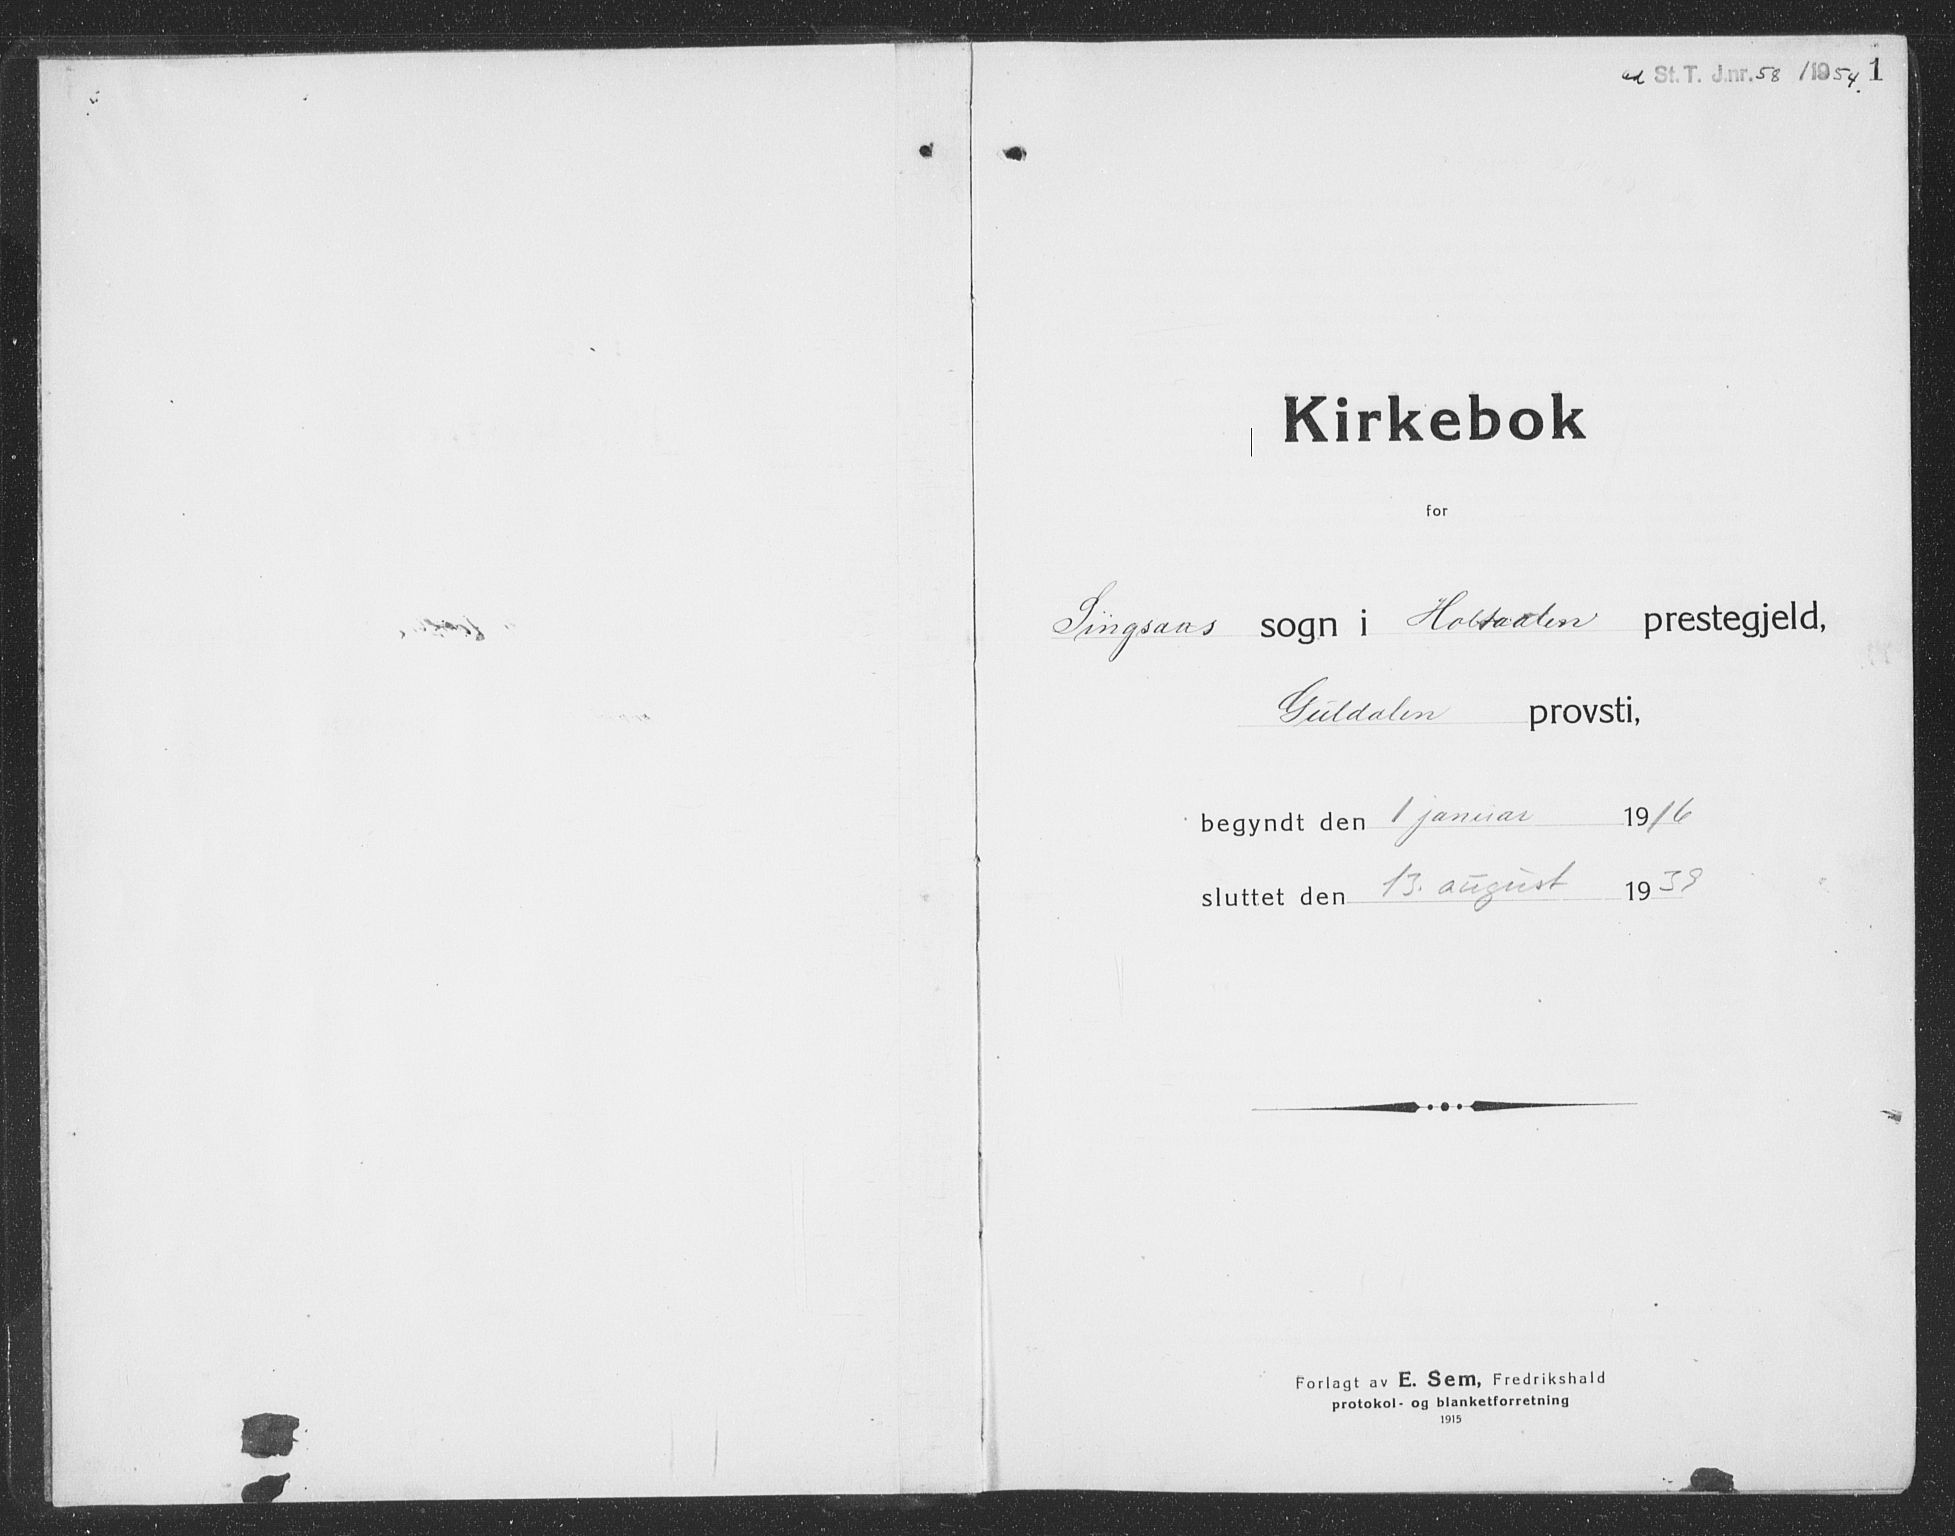 SAT, Ministerialprotokoller, klokkerbøker og fødselsregistre - Sør-Trøndelag, 688/L1030: Klokkerbok nr. 688C05, 1916-1939, s. 1